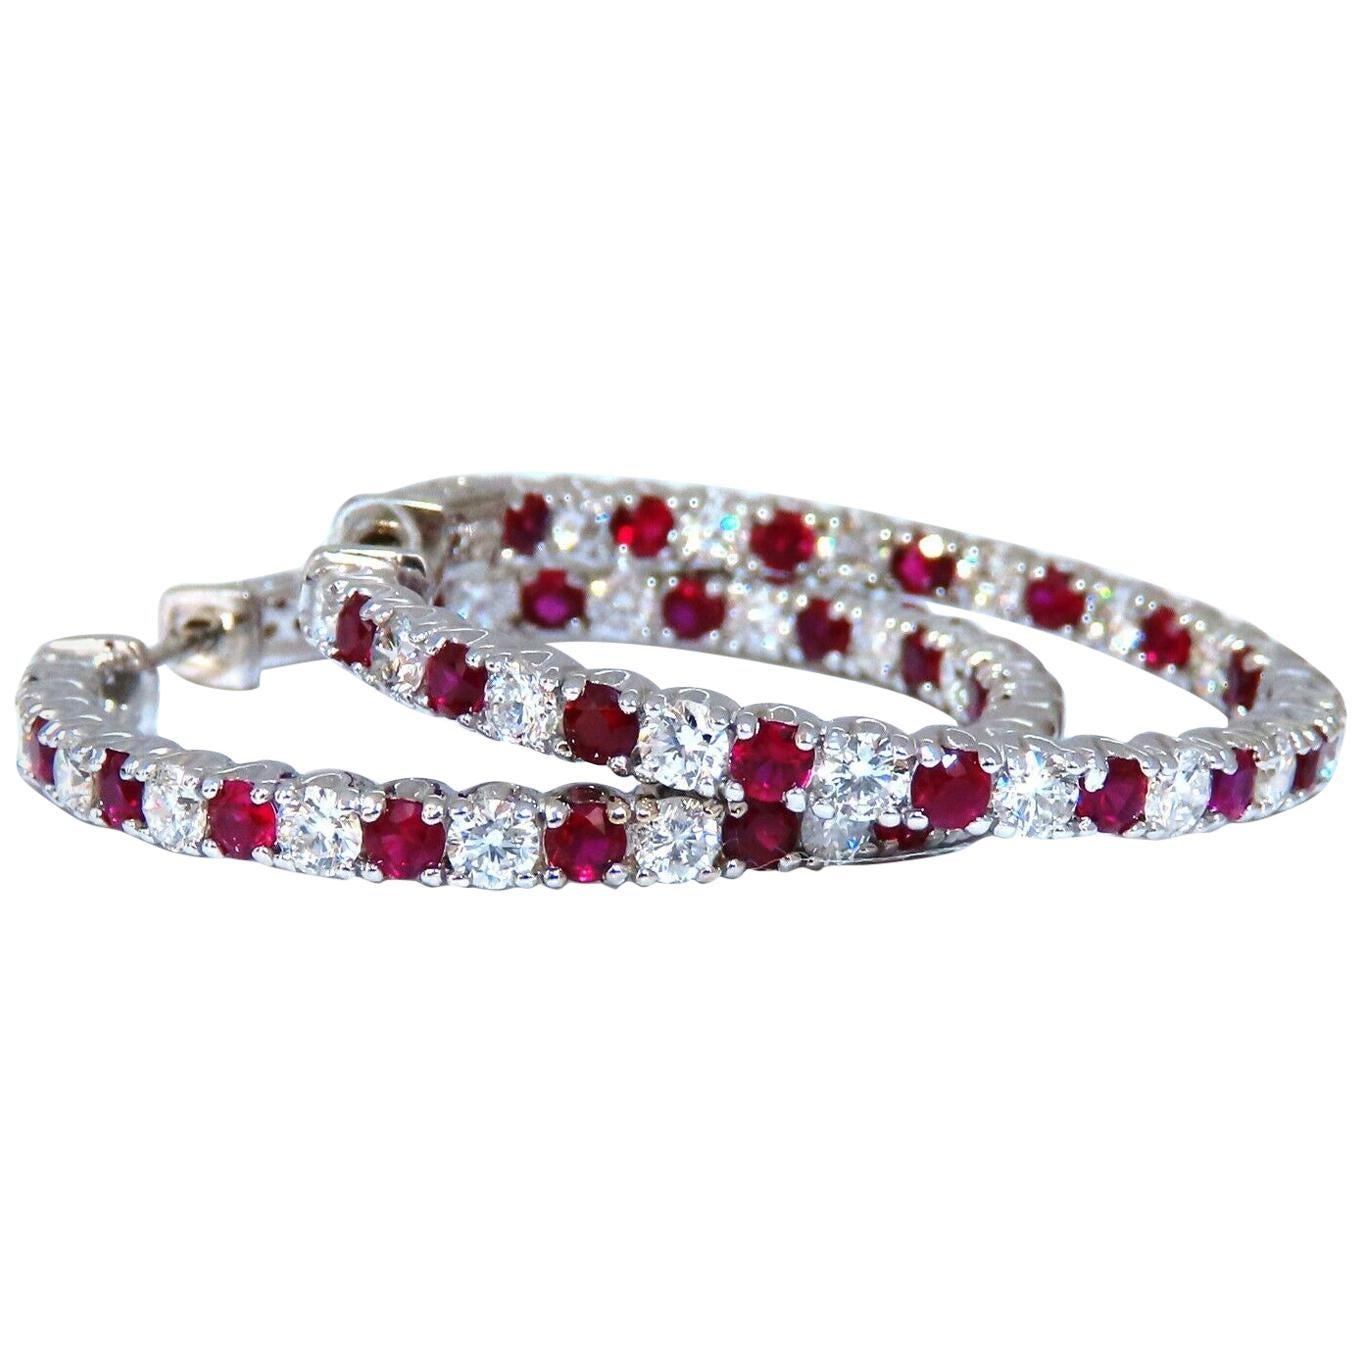 4.75 Carat Natural Red Ruby Diamond Hoop Earrings 14 Karat Gold